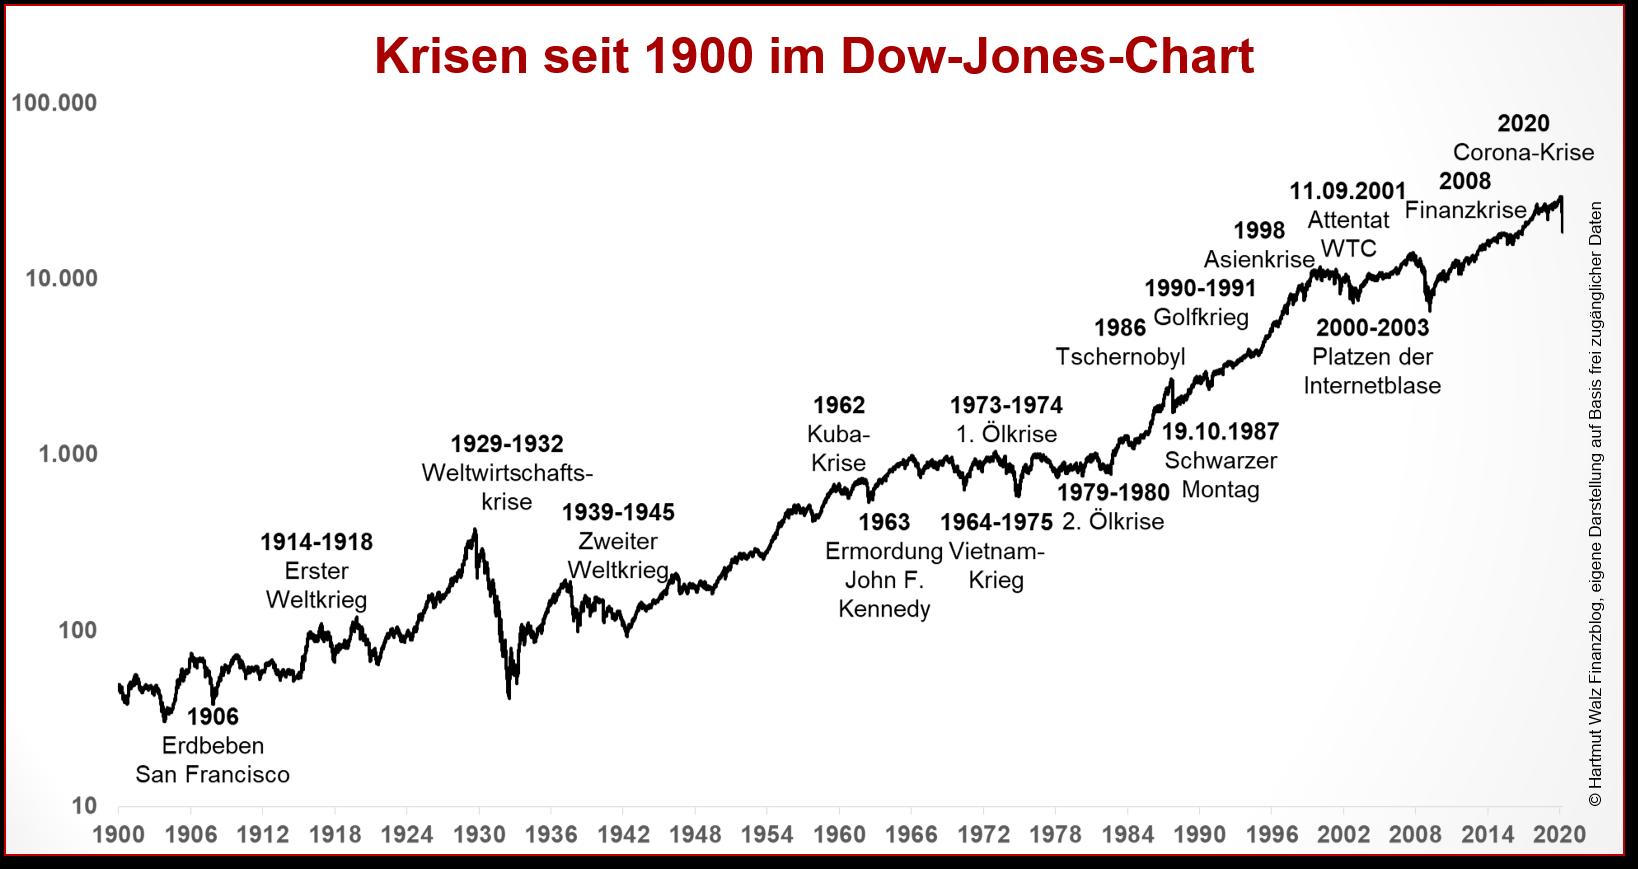 Krisen seit 1900 im Dow-Jones-Chart